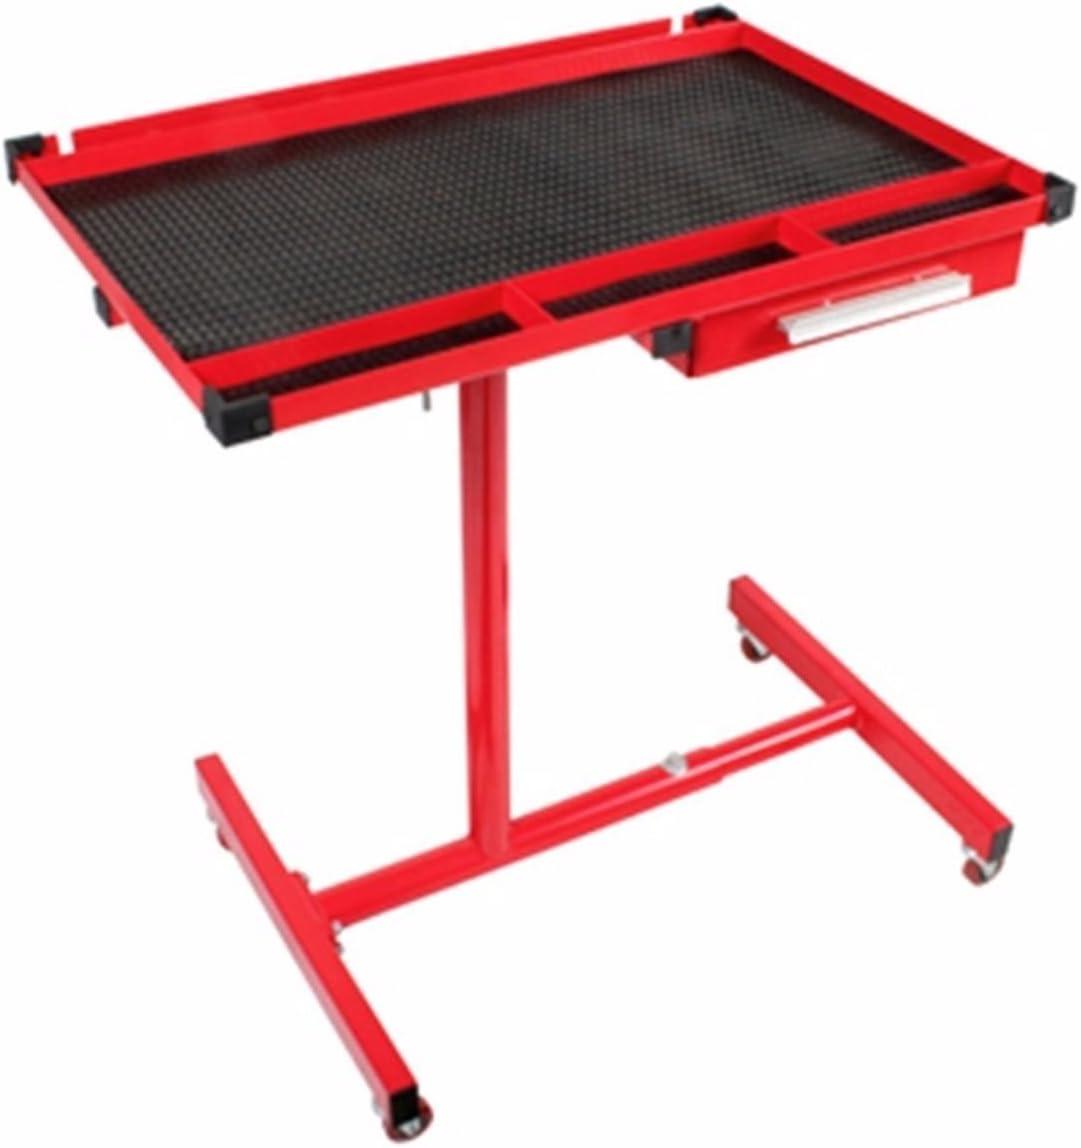 Generic Heav stable avec tiroir E Heavy DUT Table de travail ajuster Table Heavy Duty réglable W Plateau outils Rolling LS Rolling Garage Home Shop outils à rouler